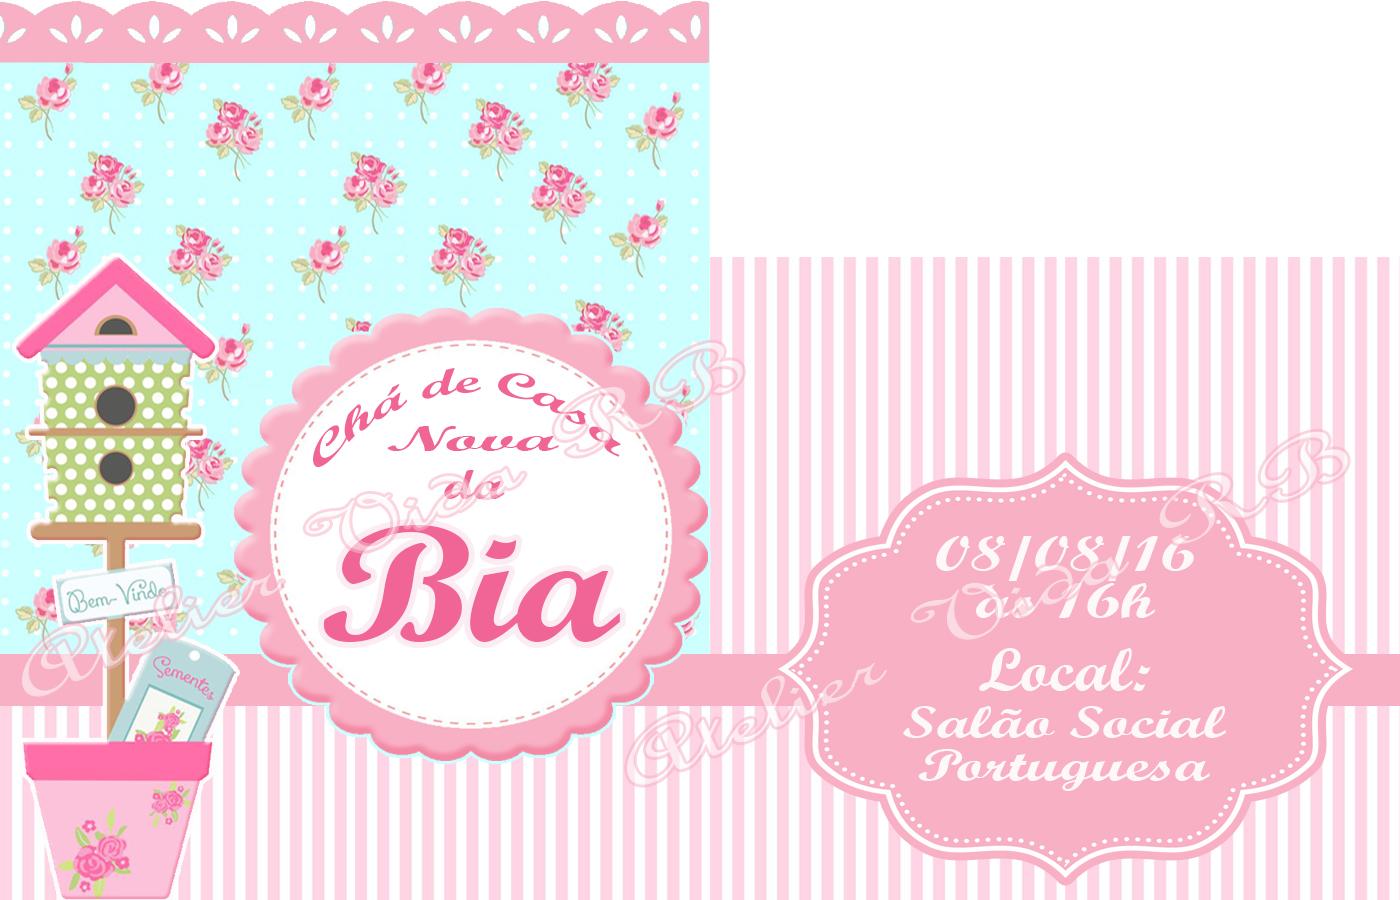 Convite Sachet De Chá De Casa Nova No Elo7 Atelier Vida Rb 681306